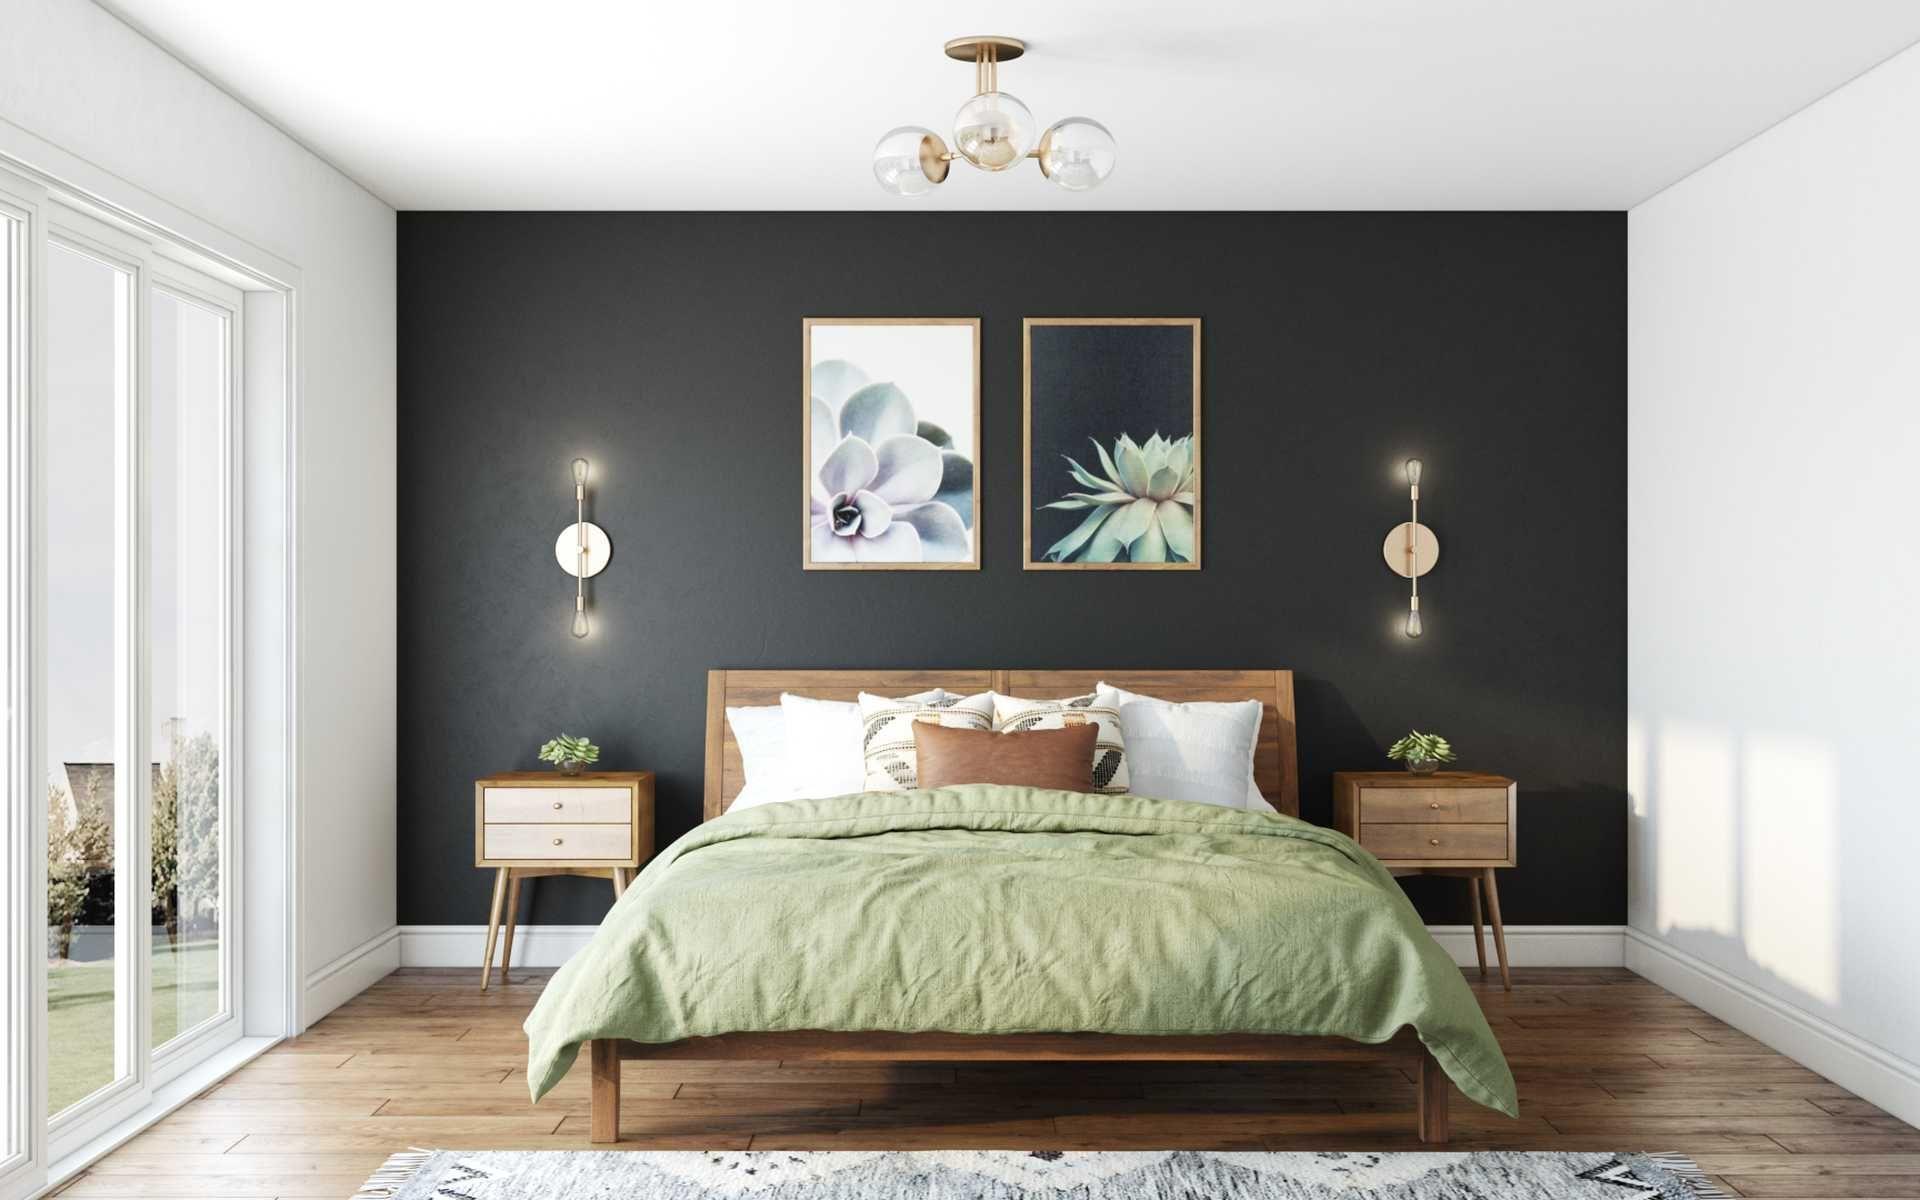 Bedroom Design By Havenly Interior Designer Miranda In 2021 Interior Design Bedroom Design Interior